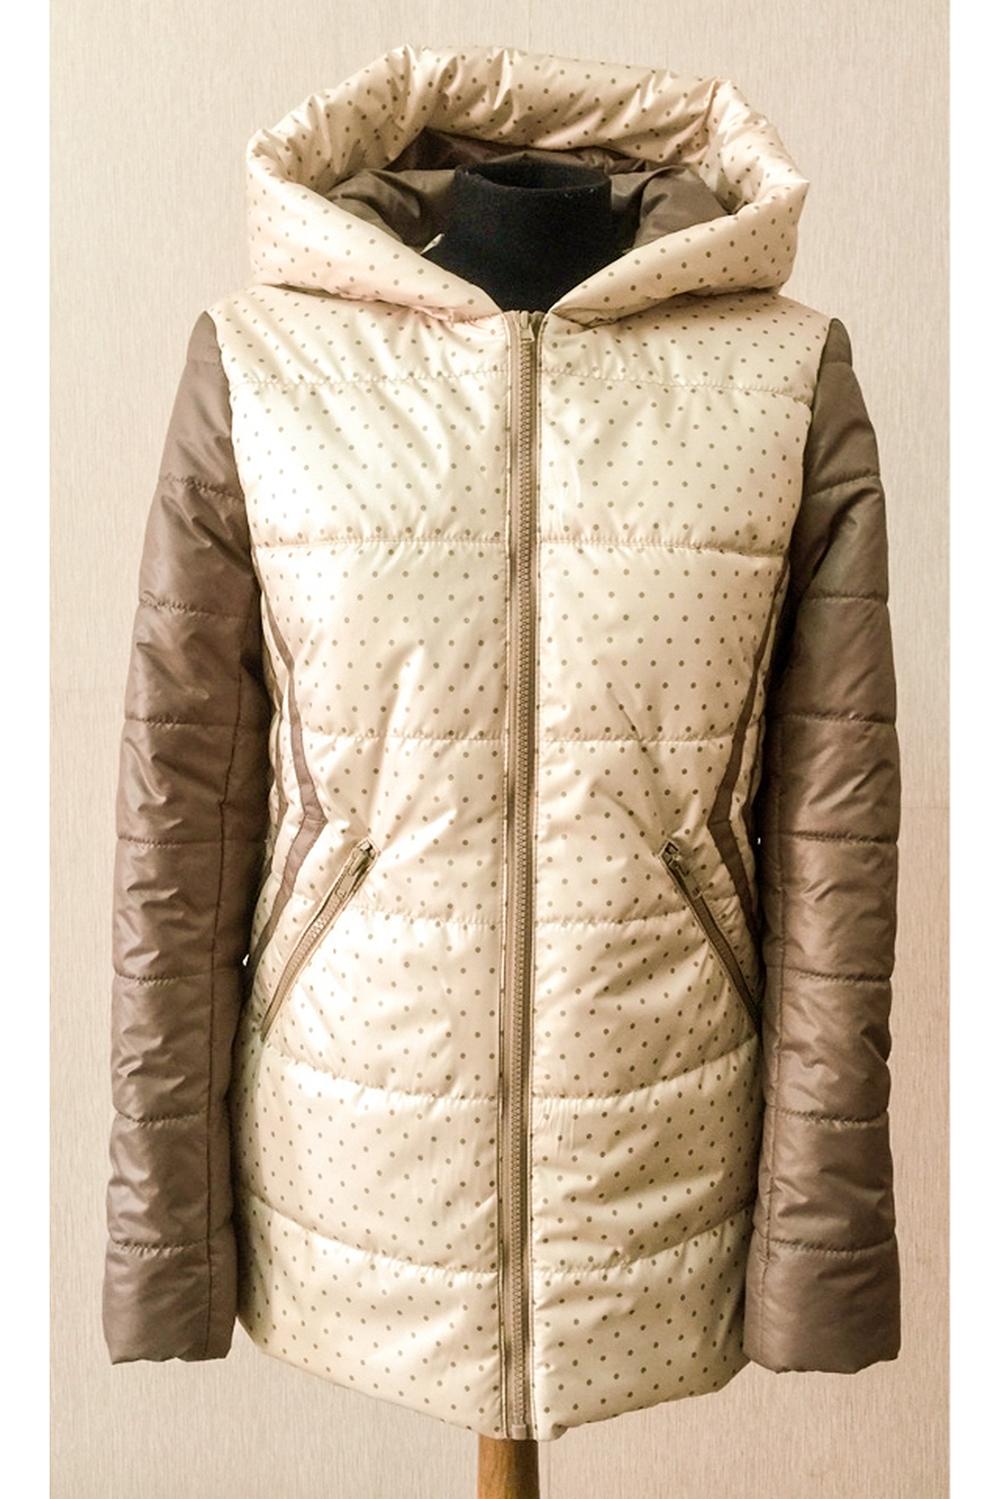 КурткаКуртки<br>Демисезонная курточка с застежкой на молнию и капюшоном. Модель выполнена из плотной болони. Отличный выбор для повседневного гардероба. Ростовка изделия 170 см.  Цвет: бежевый  Температурный режим: до -10 градусов.<br><br>Застежка: С молнией<br>По длине: Средней длины<br>По материалу: Плащевая ткань<br>По образу: Город<br>По рисунку: С принтом,Цветные<br>По силуэту: Полуприталенные<br>По стилю: Повседневный стиль<br>По элементам: С капюшоном,С карманами<br>Рукав: Длинный рукав<br>По сезону: Осень,Весна<br>Размер : 46,48<br>Материал: Болонья<br>Количество в наличии: 2